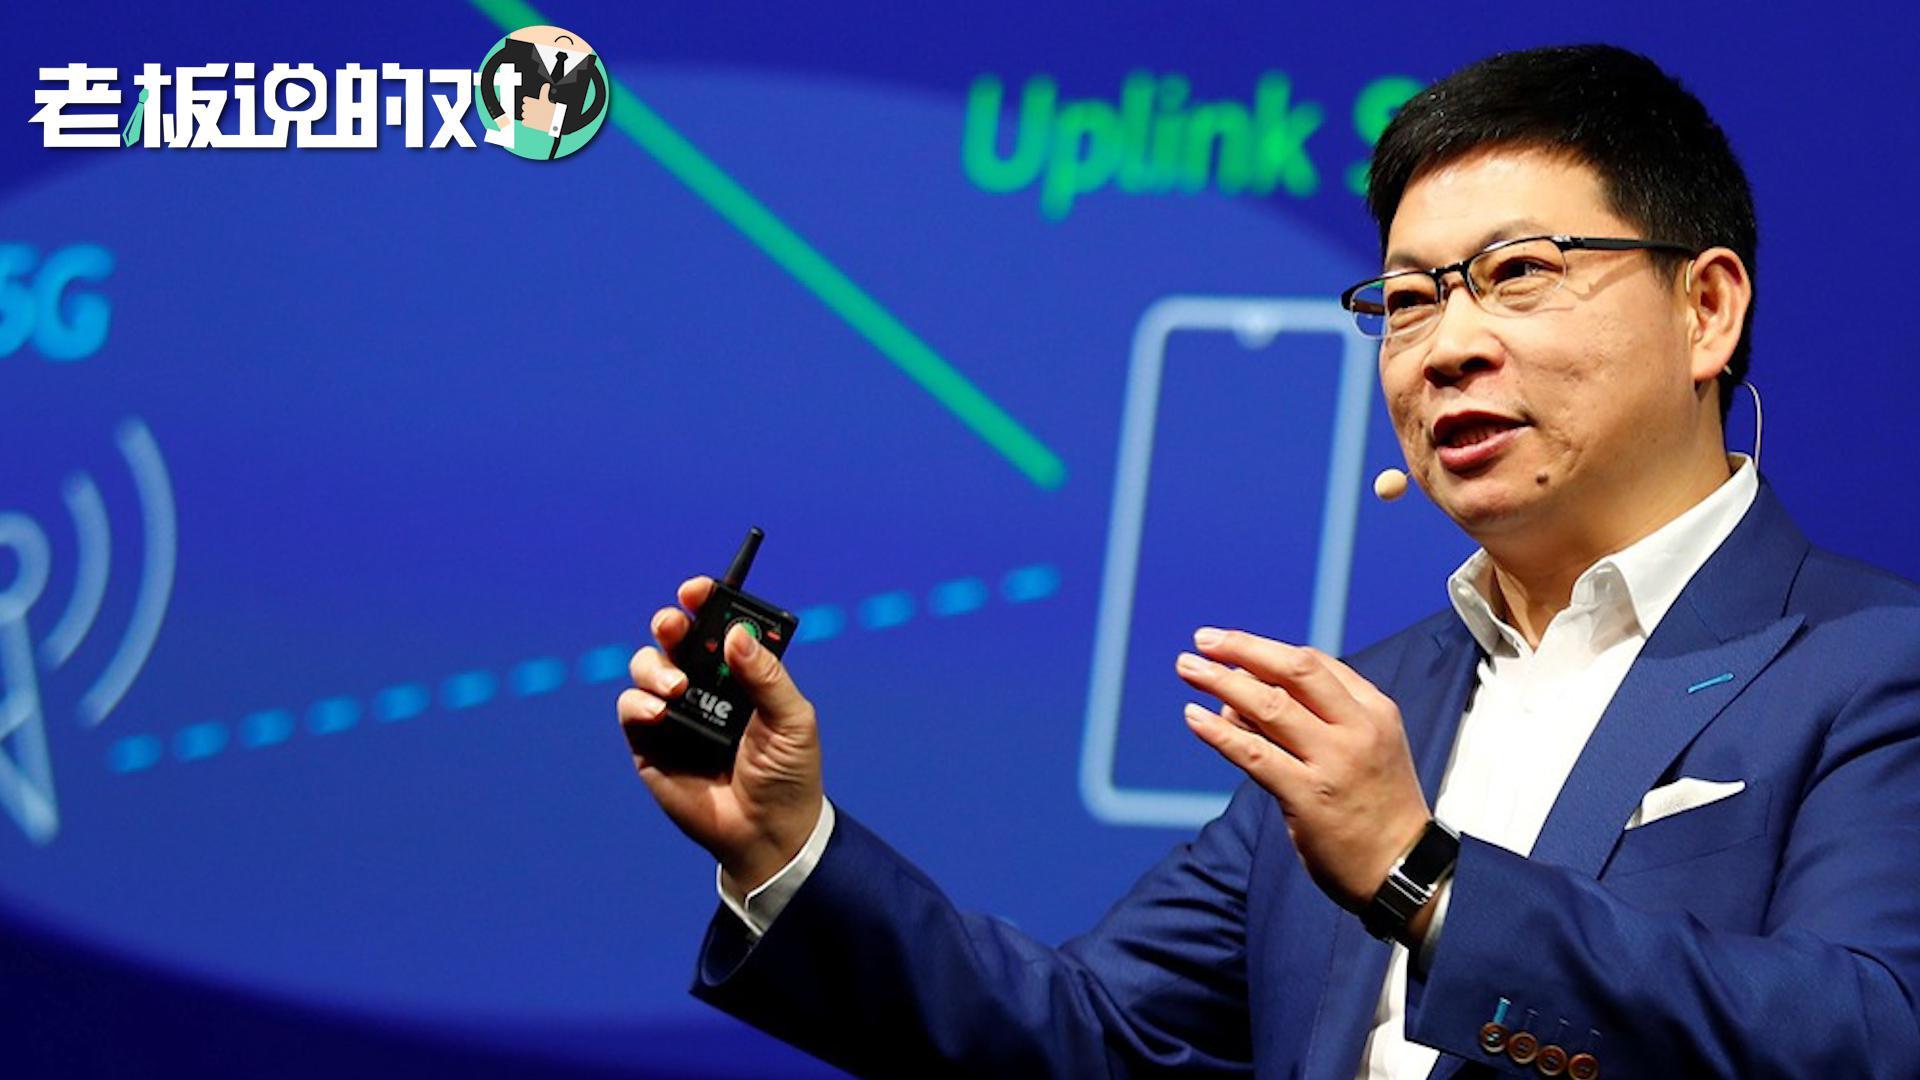 余承东:华为Mate 30支持八个5G频段,而苹果到现在还不支持5G